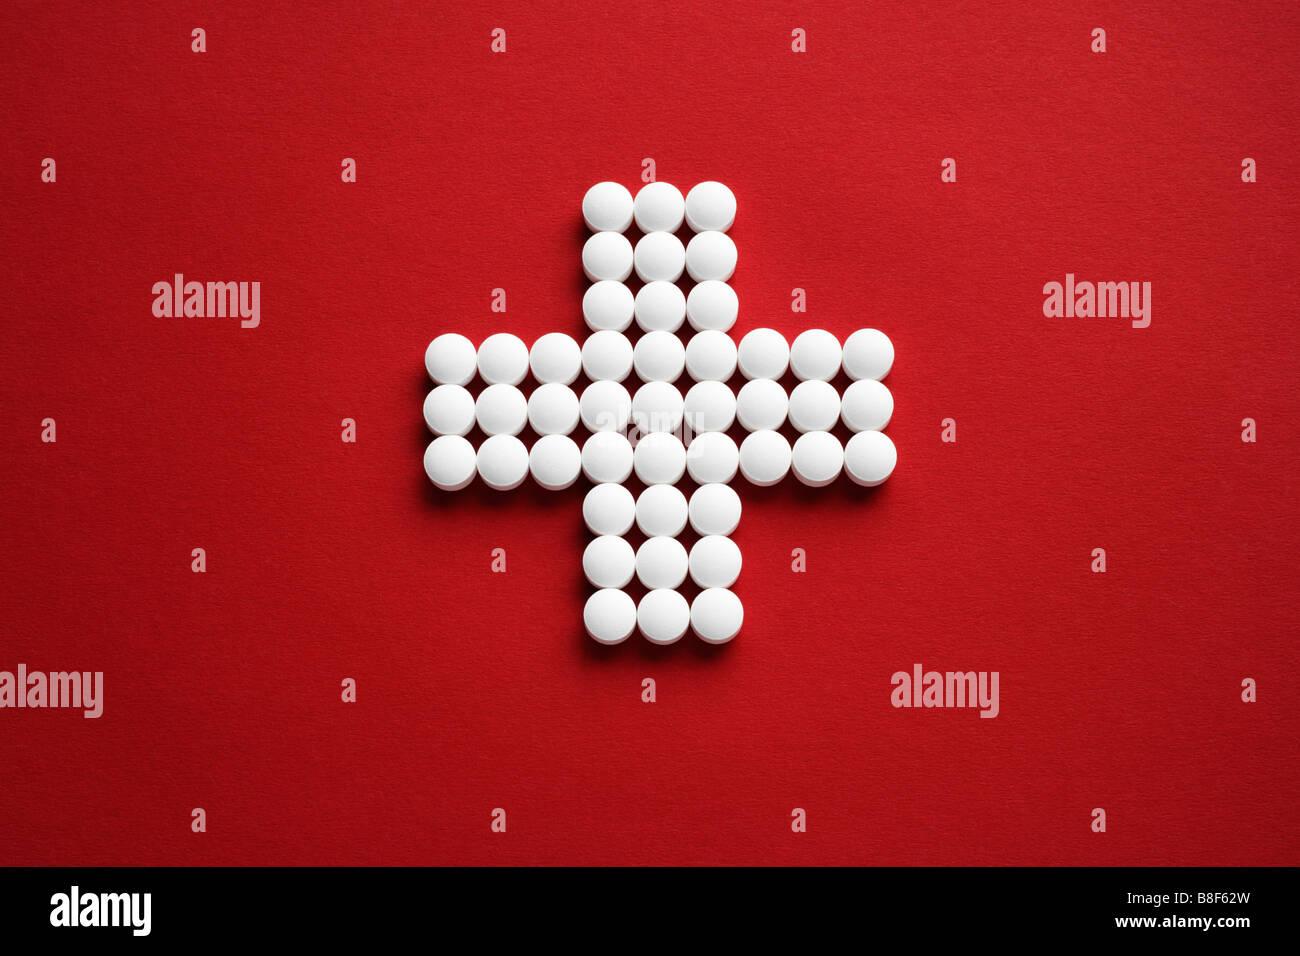 Tabletten als Kreuz gelegt auf roten Untergrund Stock Photo